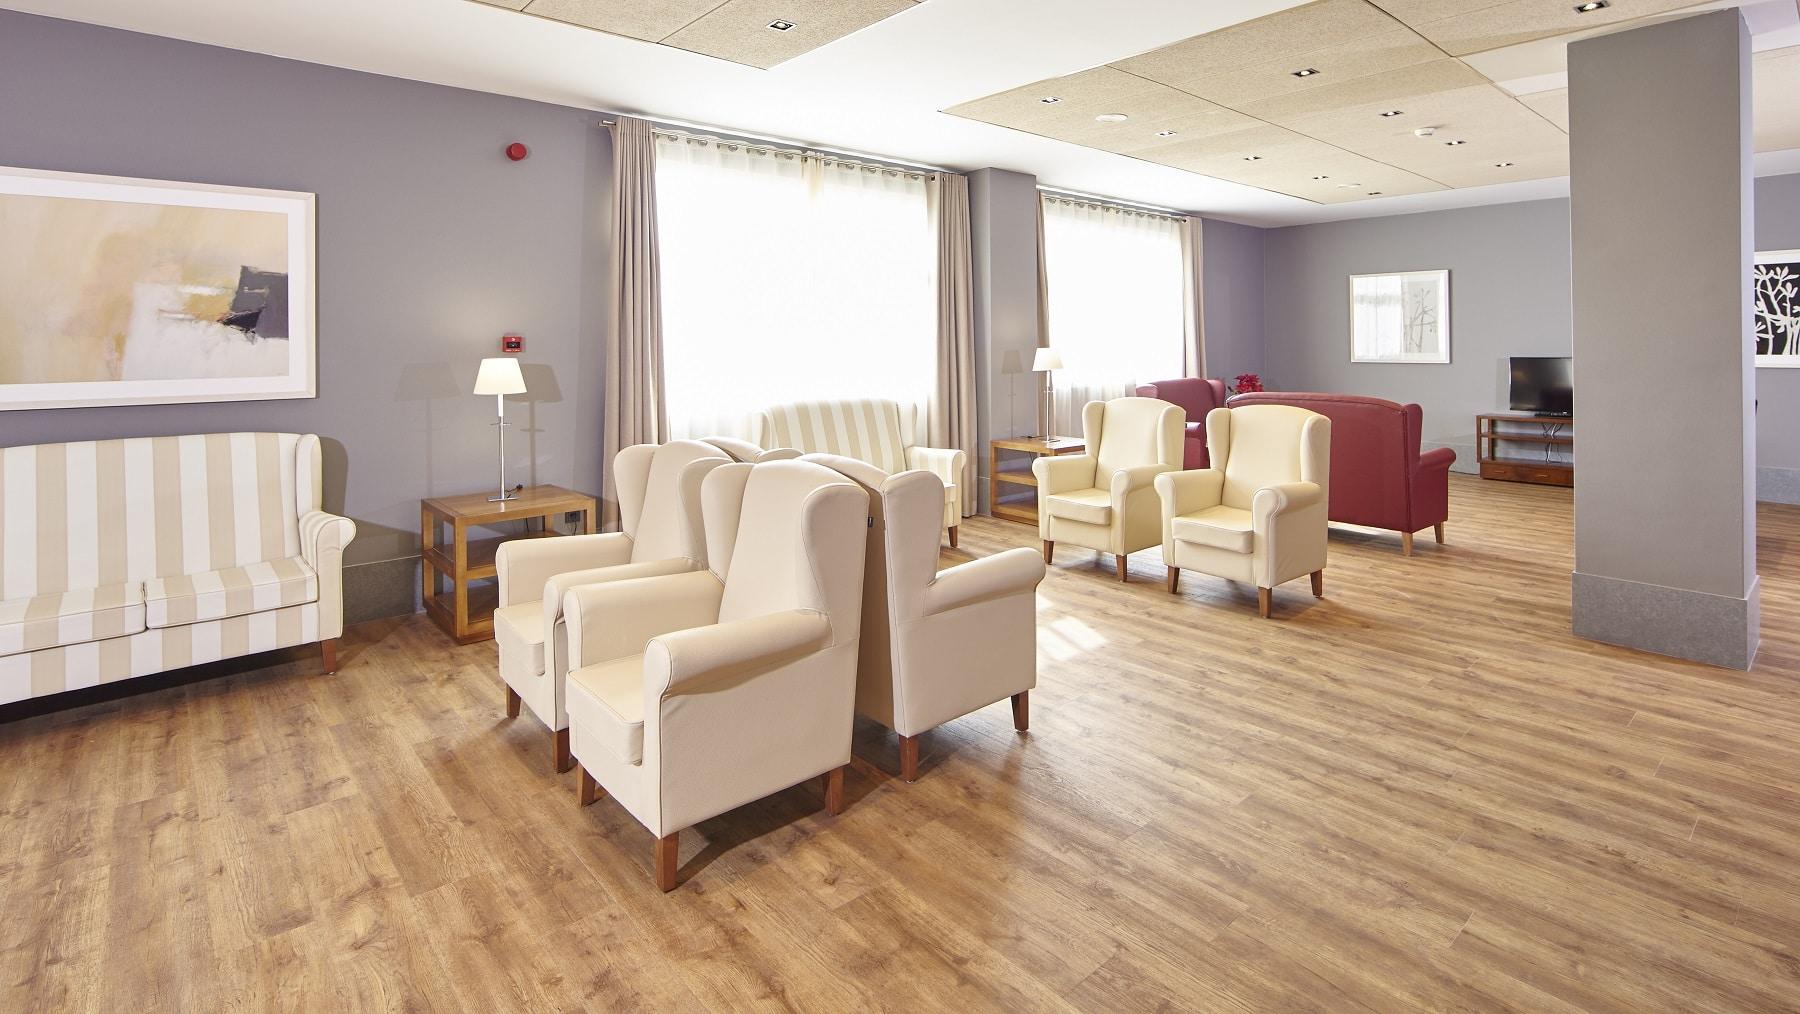 DomusVi-Palma Residencias para mayores